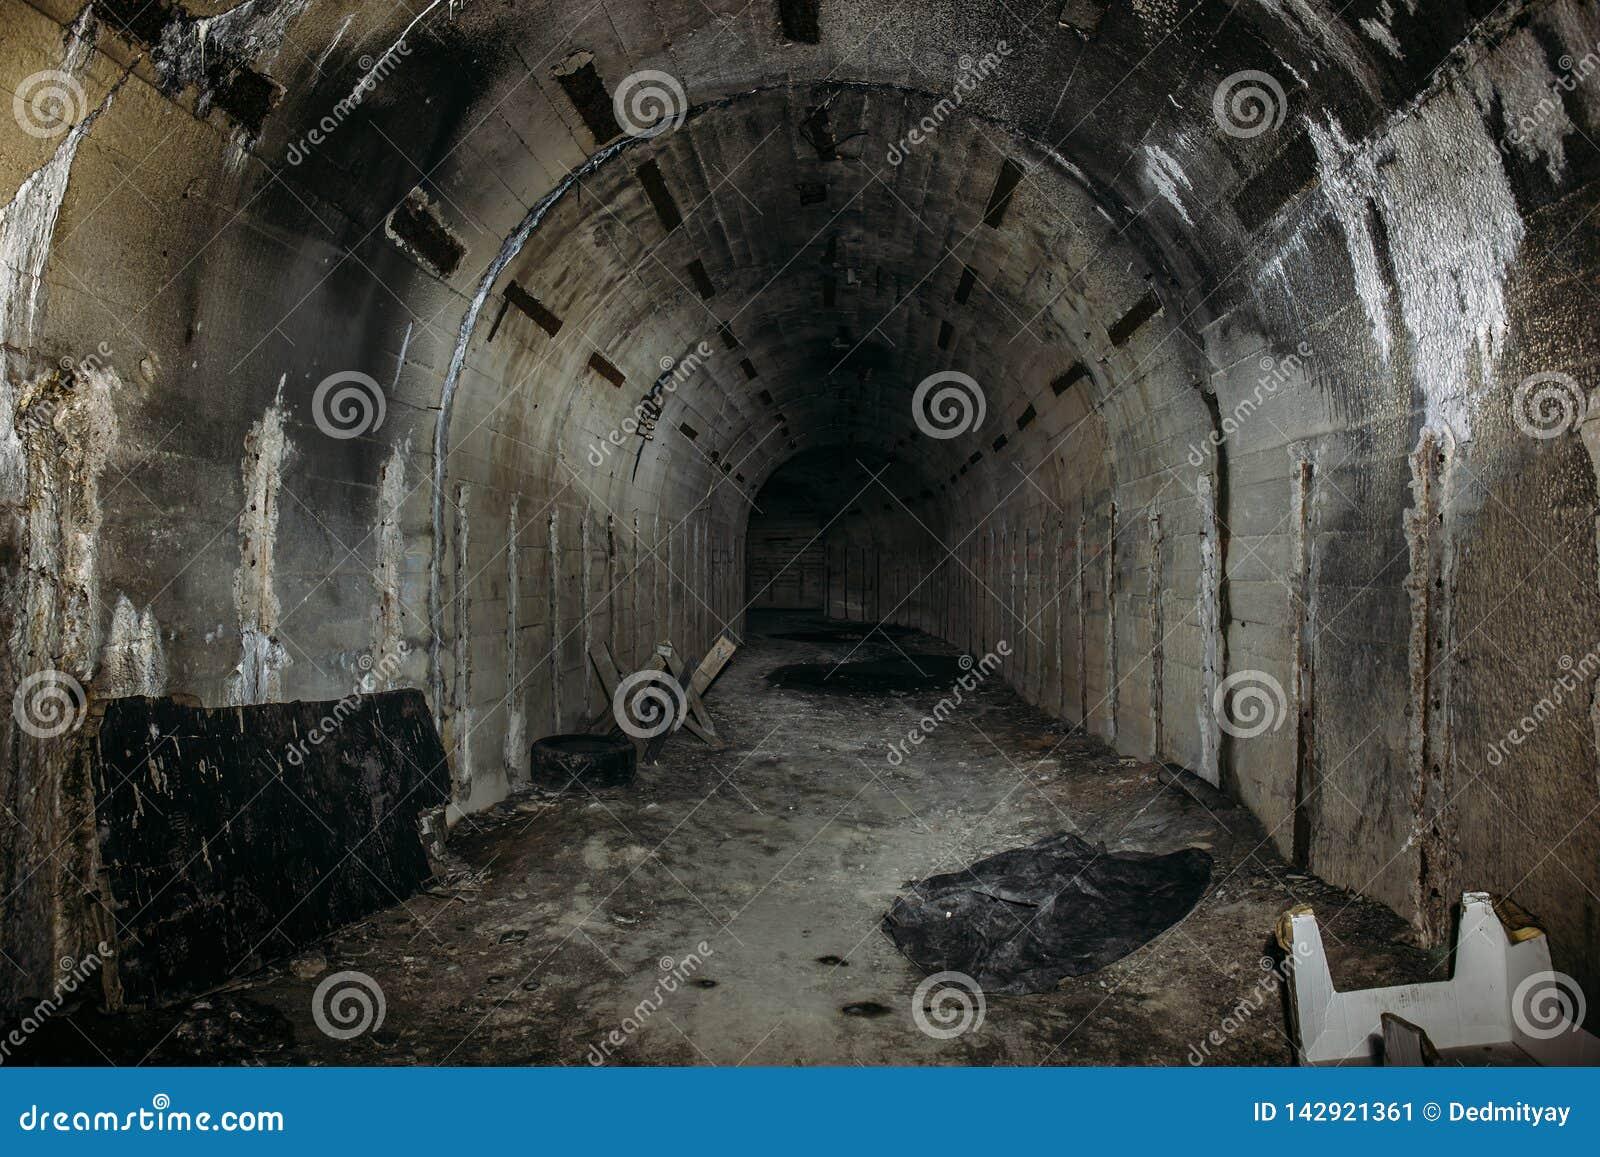 Túnel o pasillo subterráneo largo en arcón o el sótano militar soviética abandonada con la atmósfera espeluznante